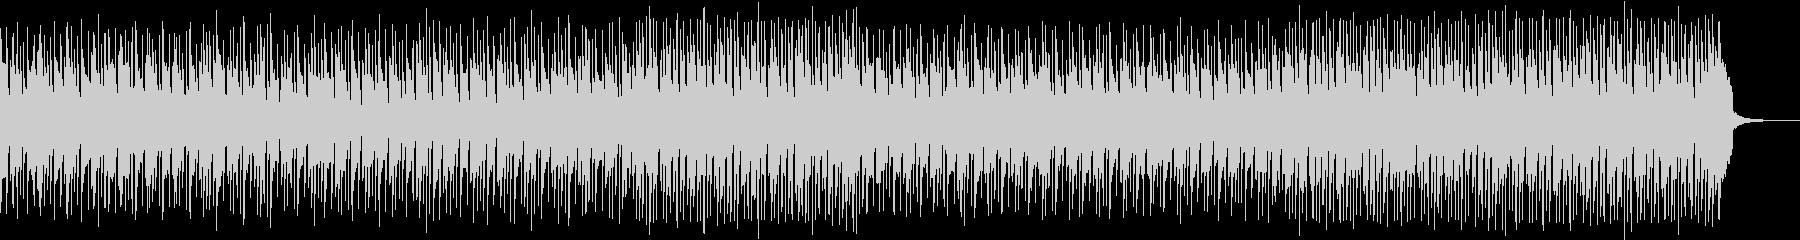 アコースティックギターメインのポップスの未再生の波形